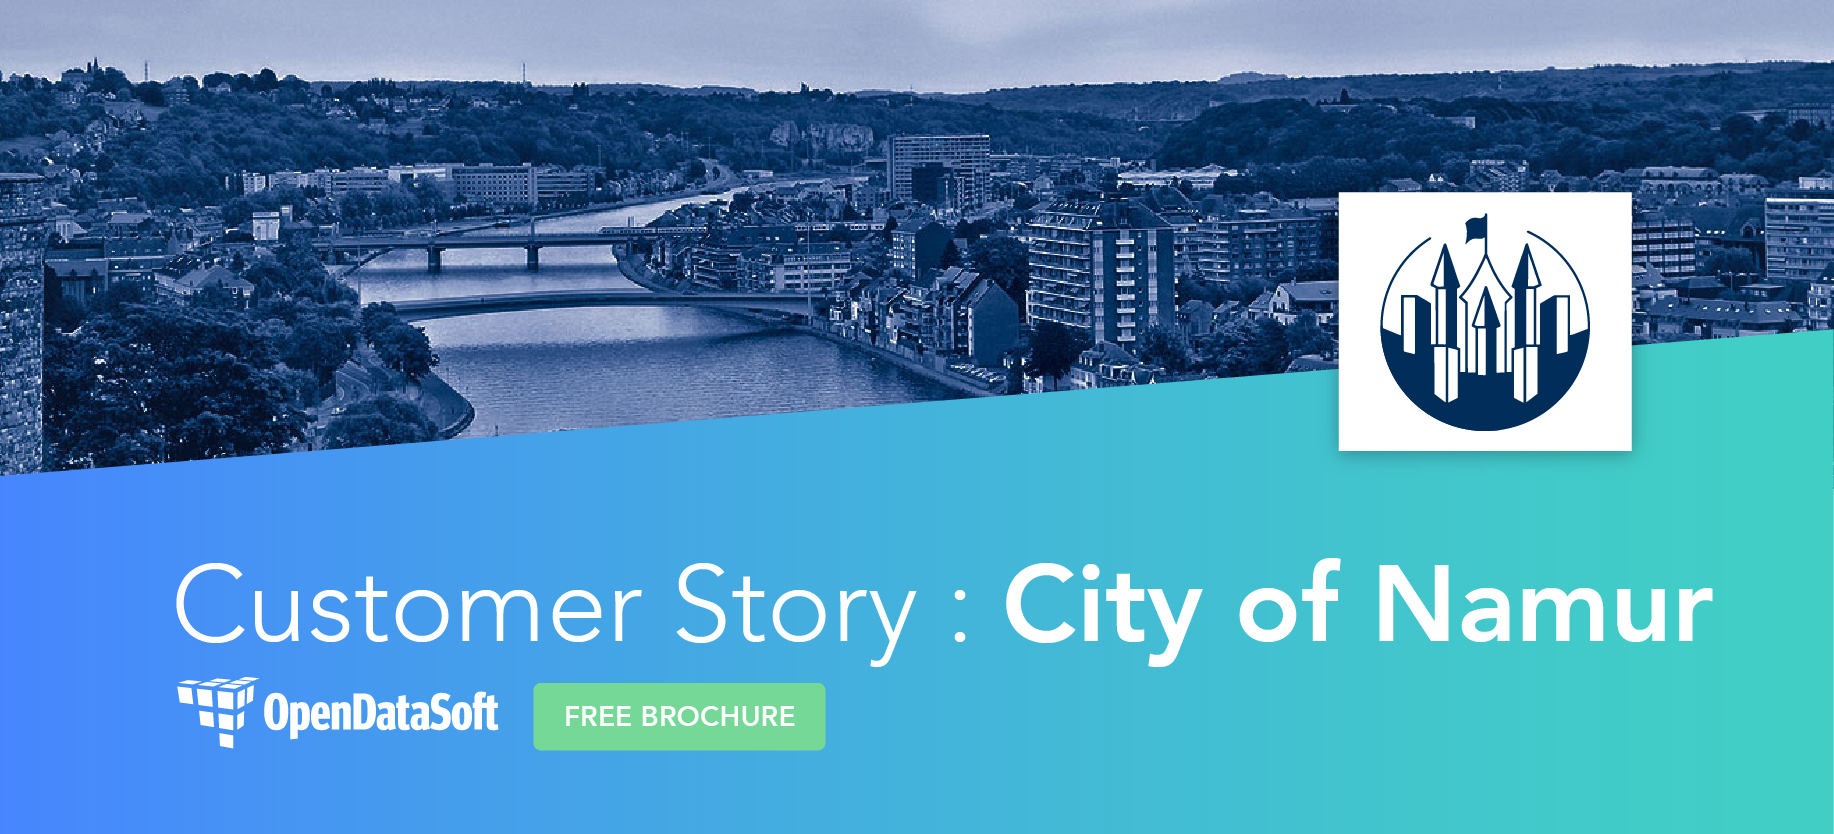 customer-story-city-of-namur-opendatasoft-en